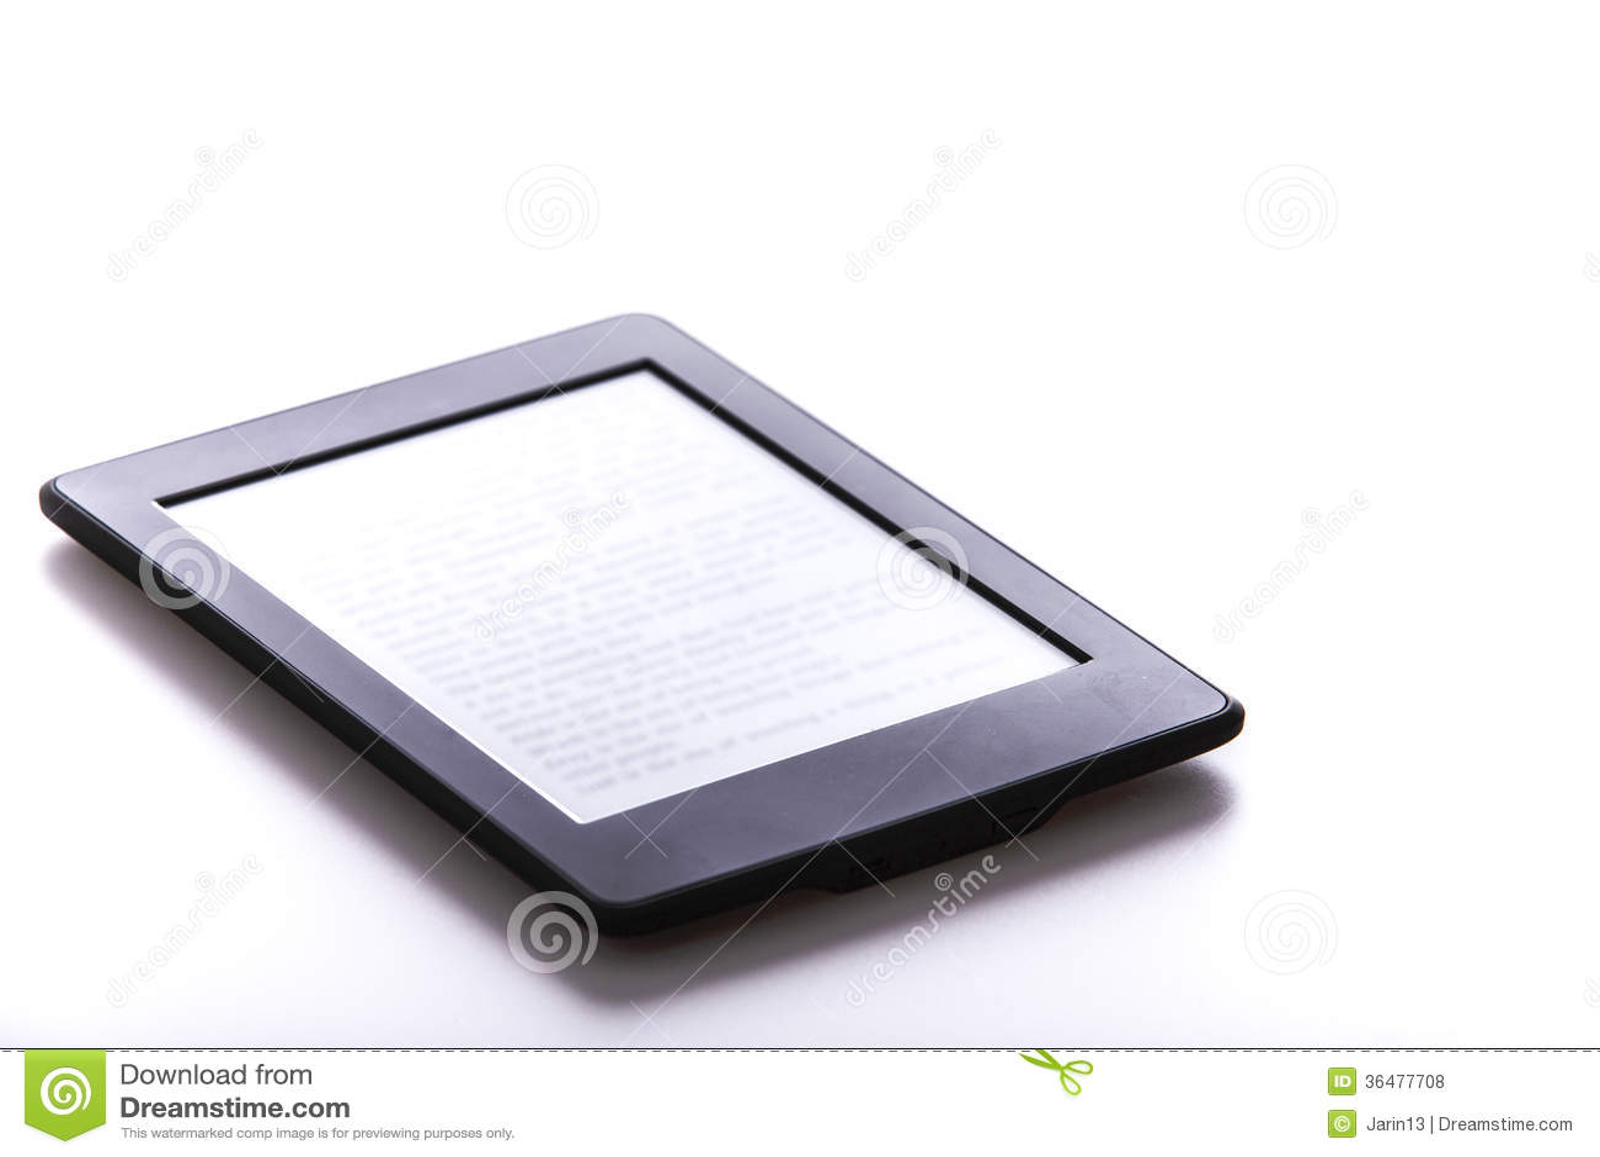 black ebook reader or tablet stock photo image 36477708. Black Bedroom Furniture Sets. Home Design Ideas